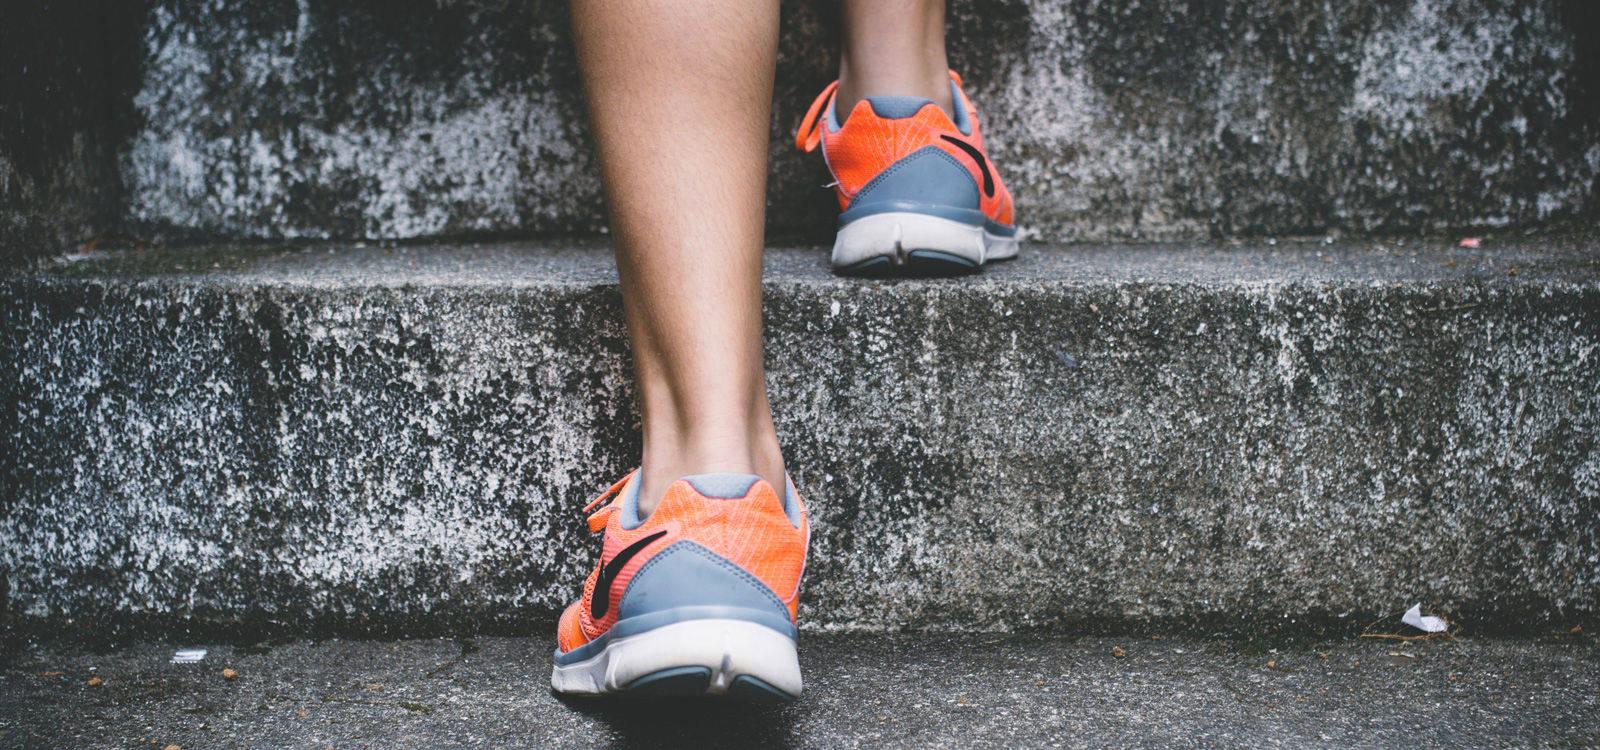 Planète Running, communauté de runners